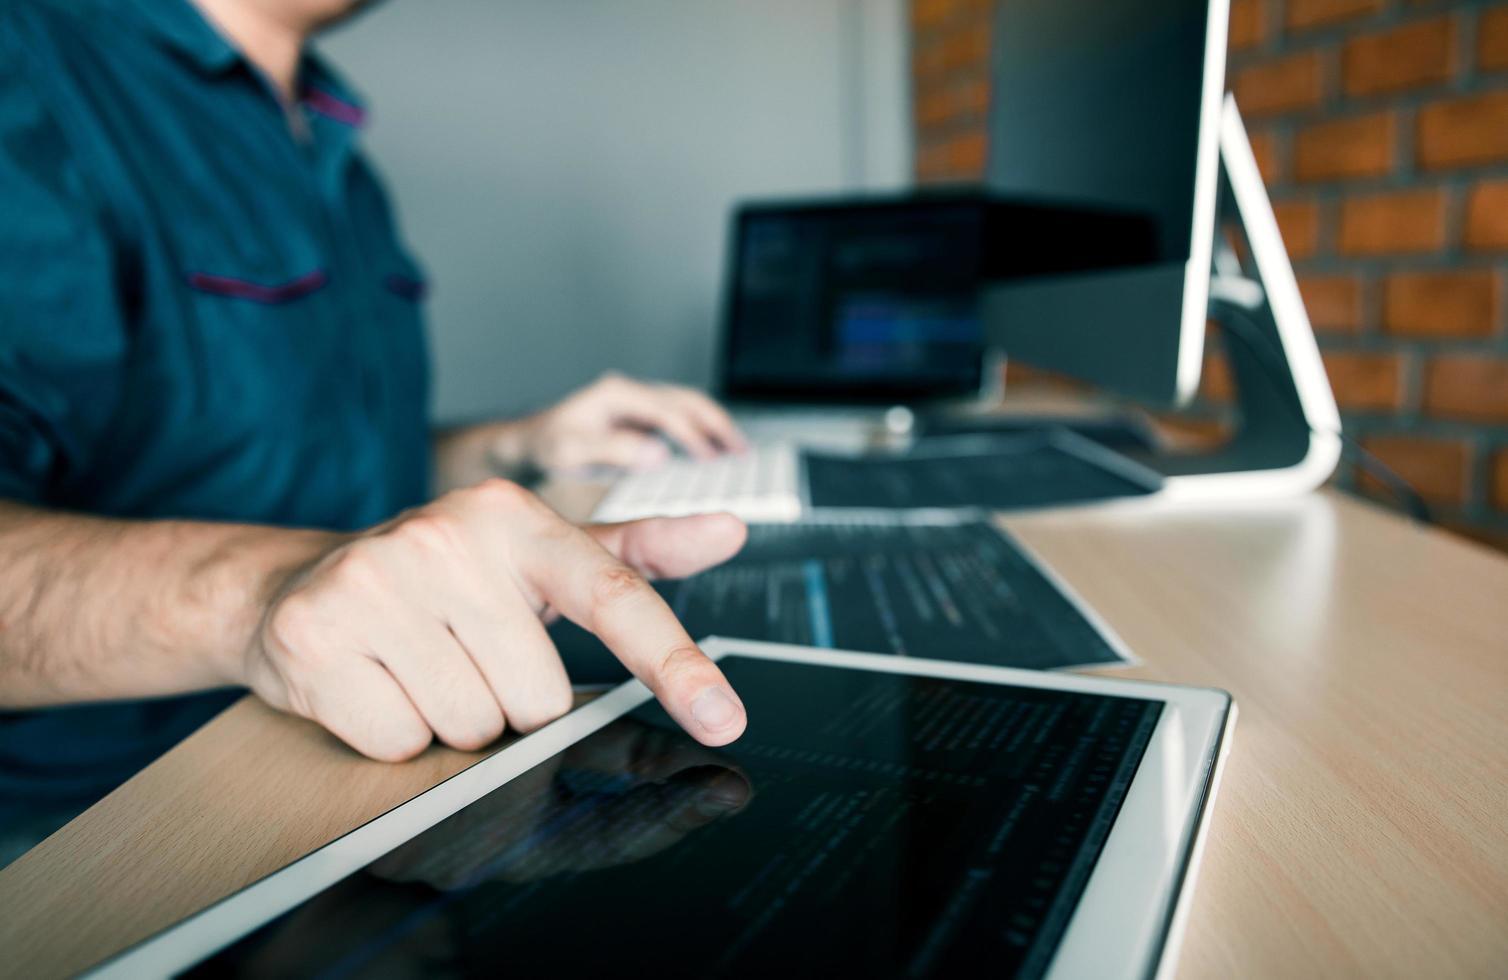 développeur de logiciels pointant sur tablette photo